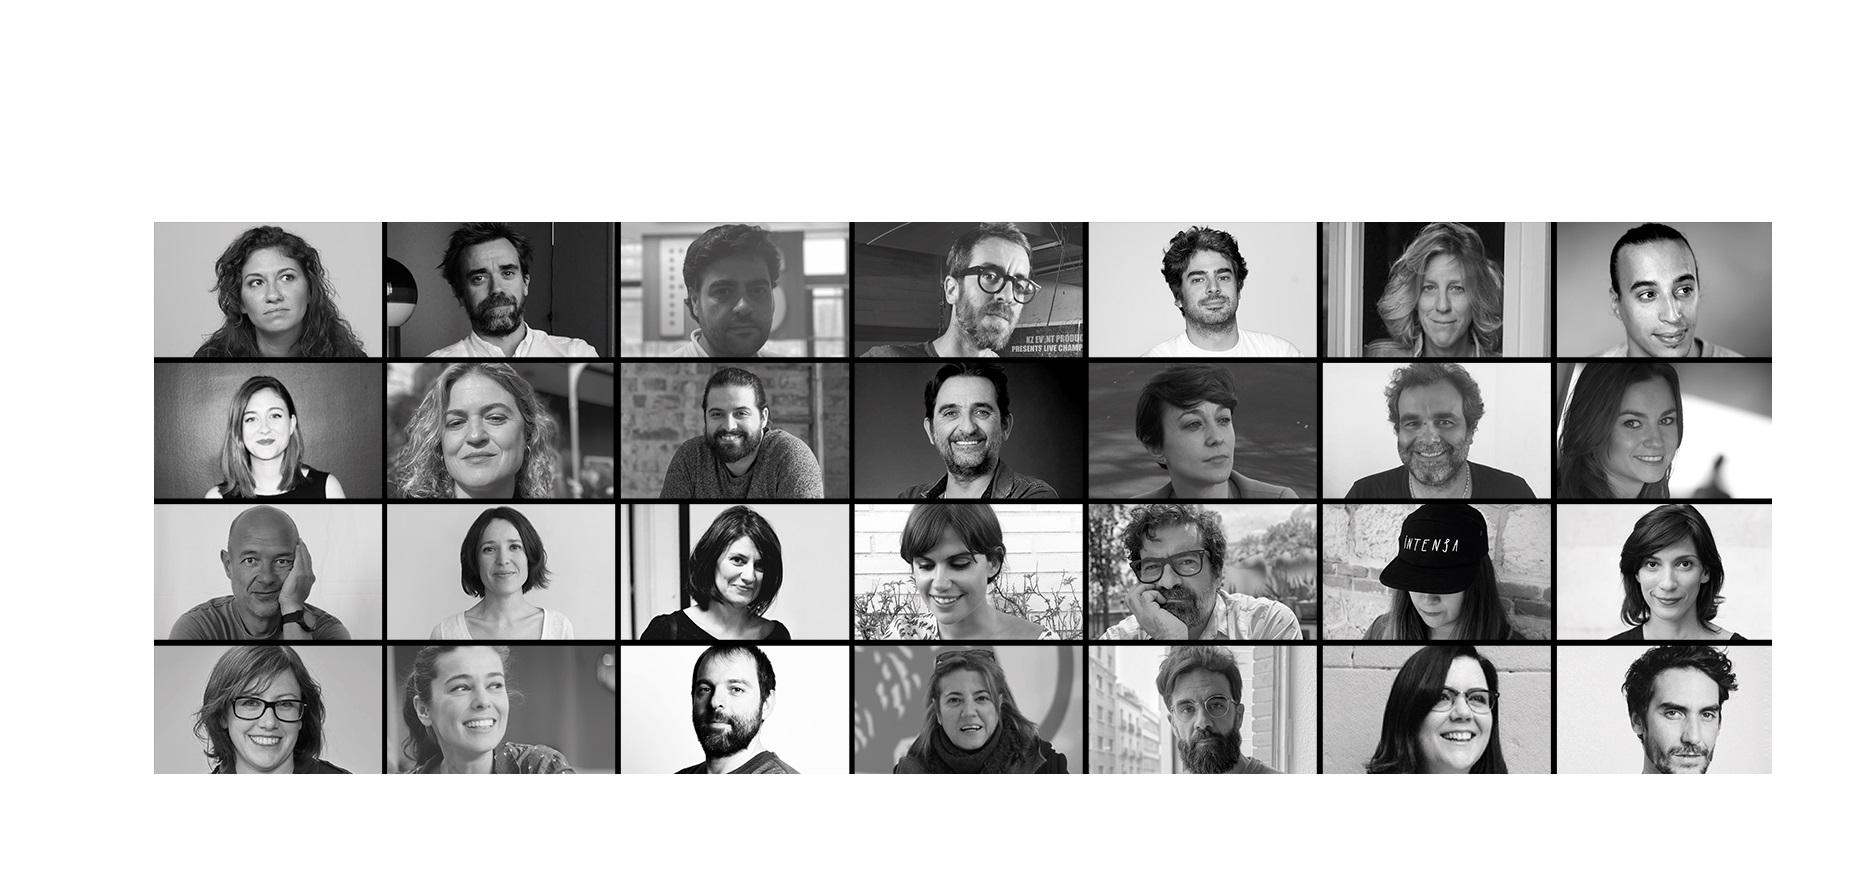 https://www.programapublicidad.com/wp-content/uploads/2019/12/jurdo-cdec-Premios-Nacionales-Creatividad-2020-plazo-inscripción-27-de-enero-programapublicidad.jpg